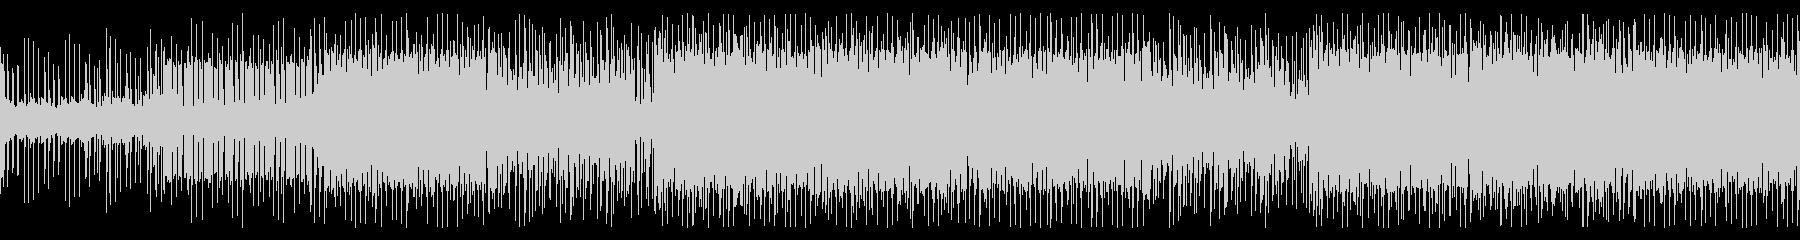 【ループ版】企業VP・CM …ハウスの未再生の波形